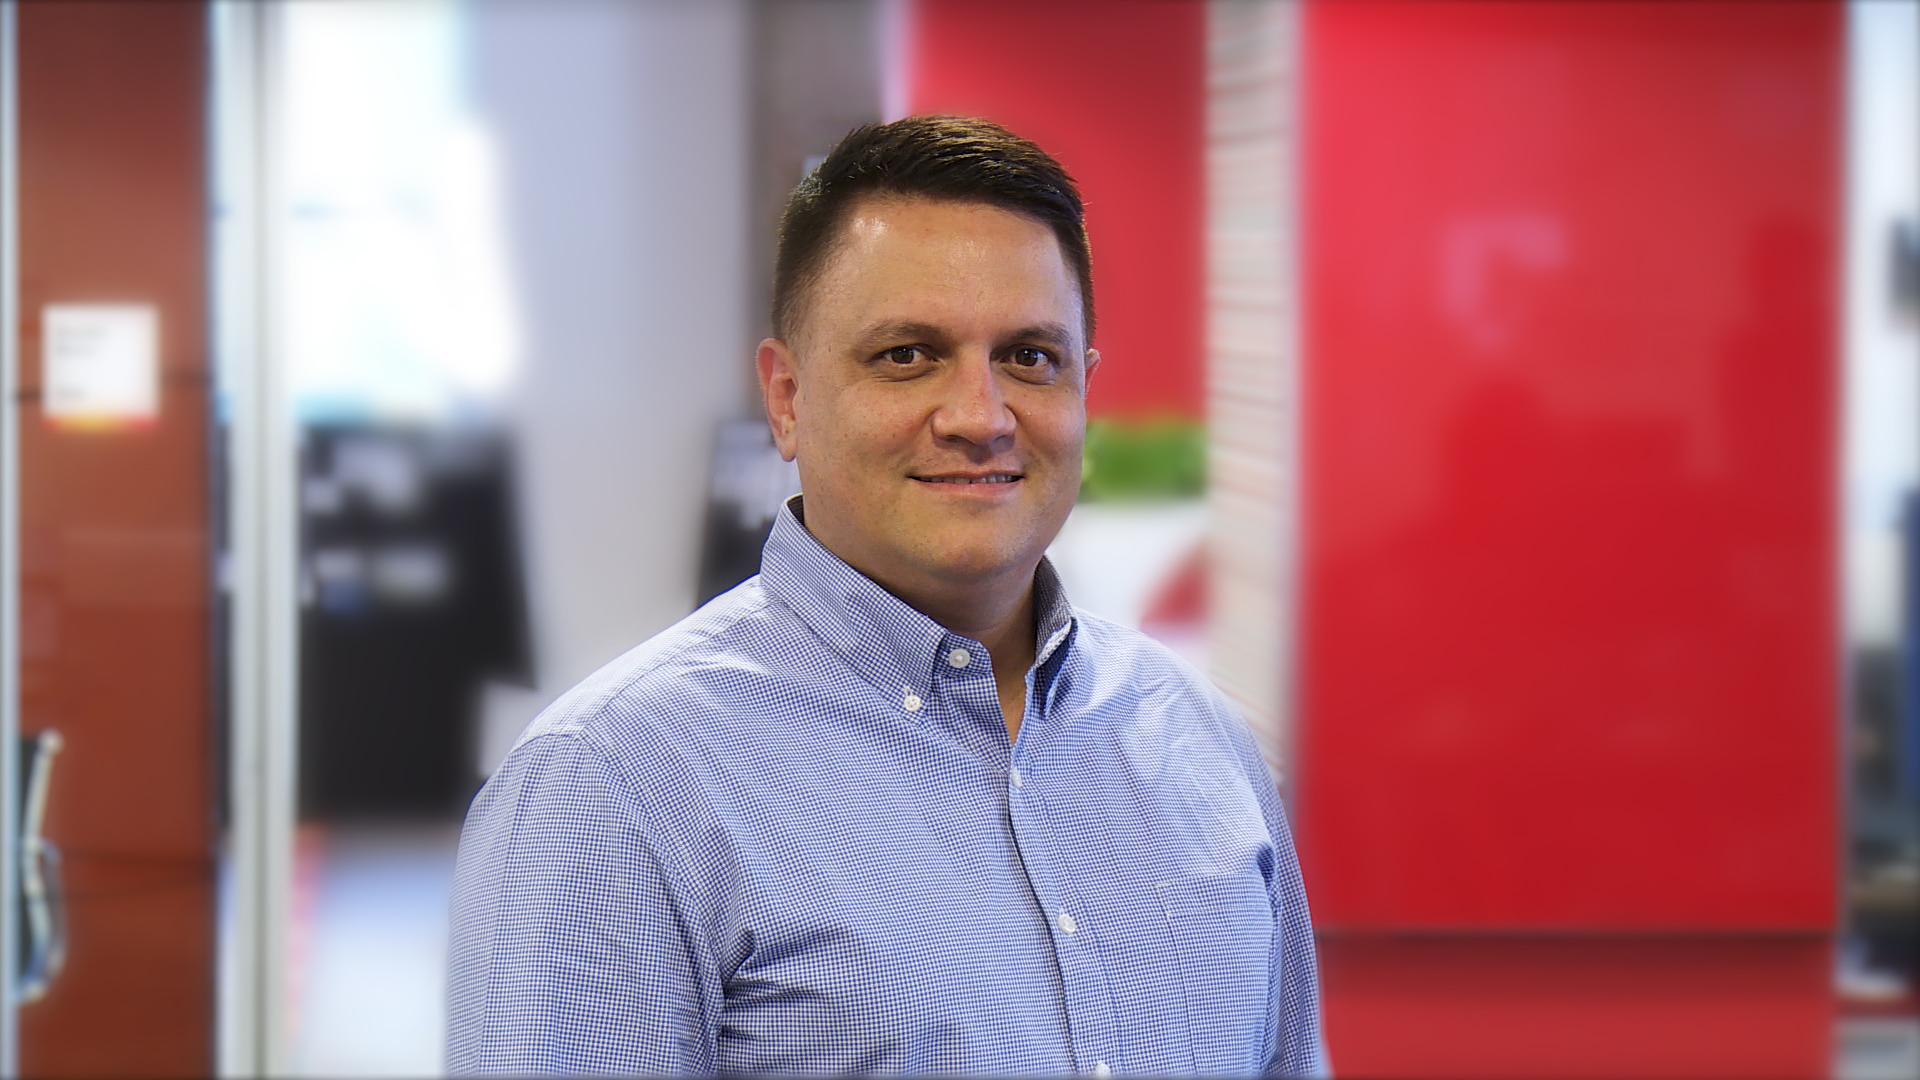 Miguel Gamiño Jr., Mastercard